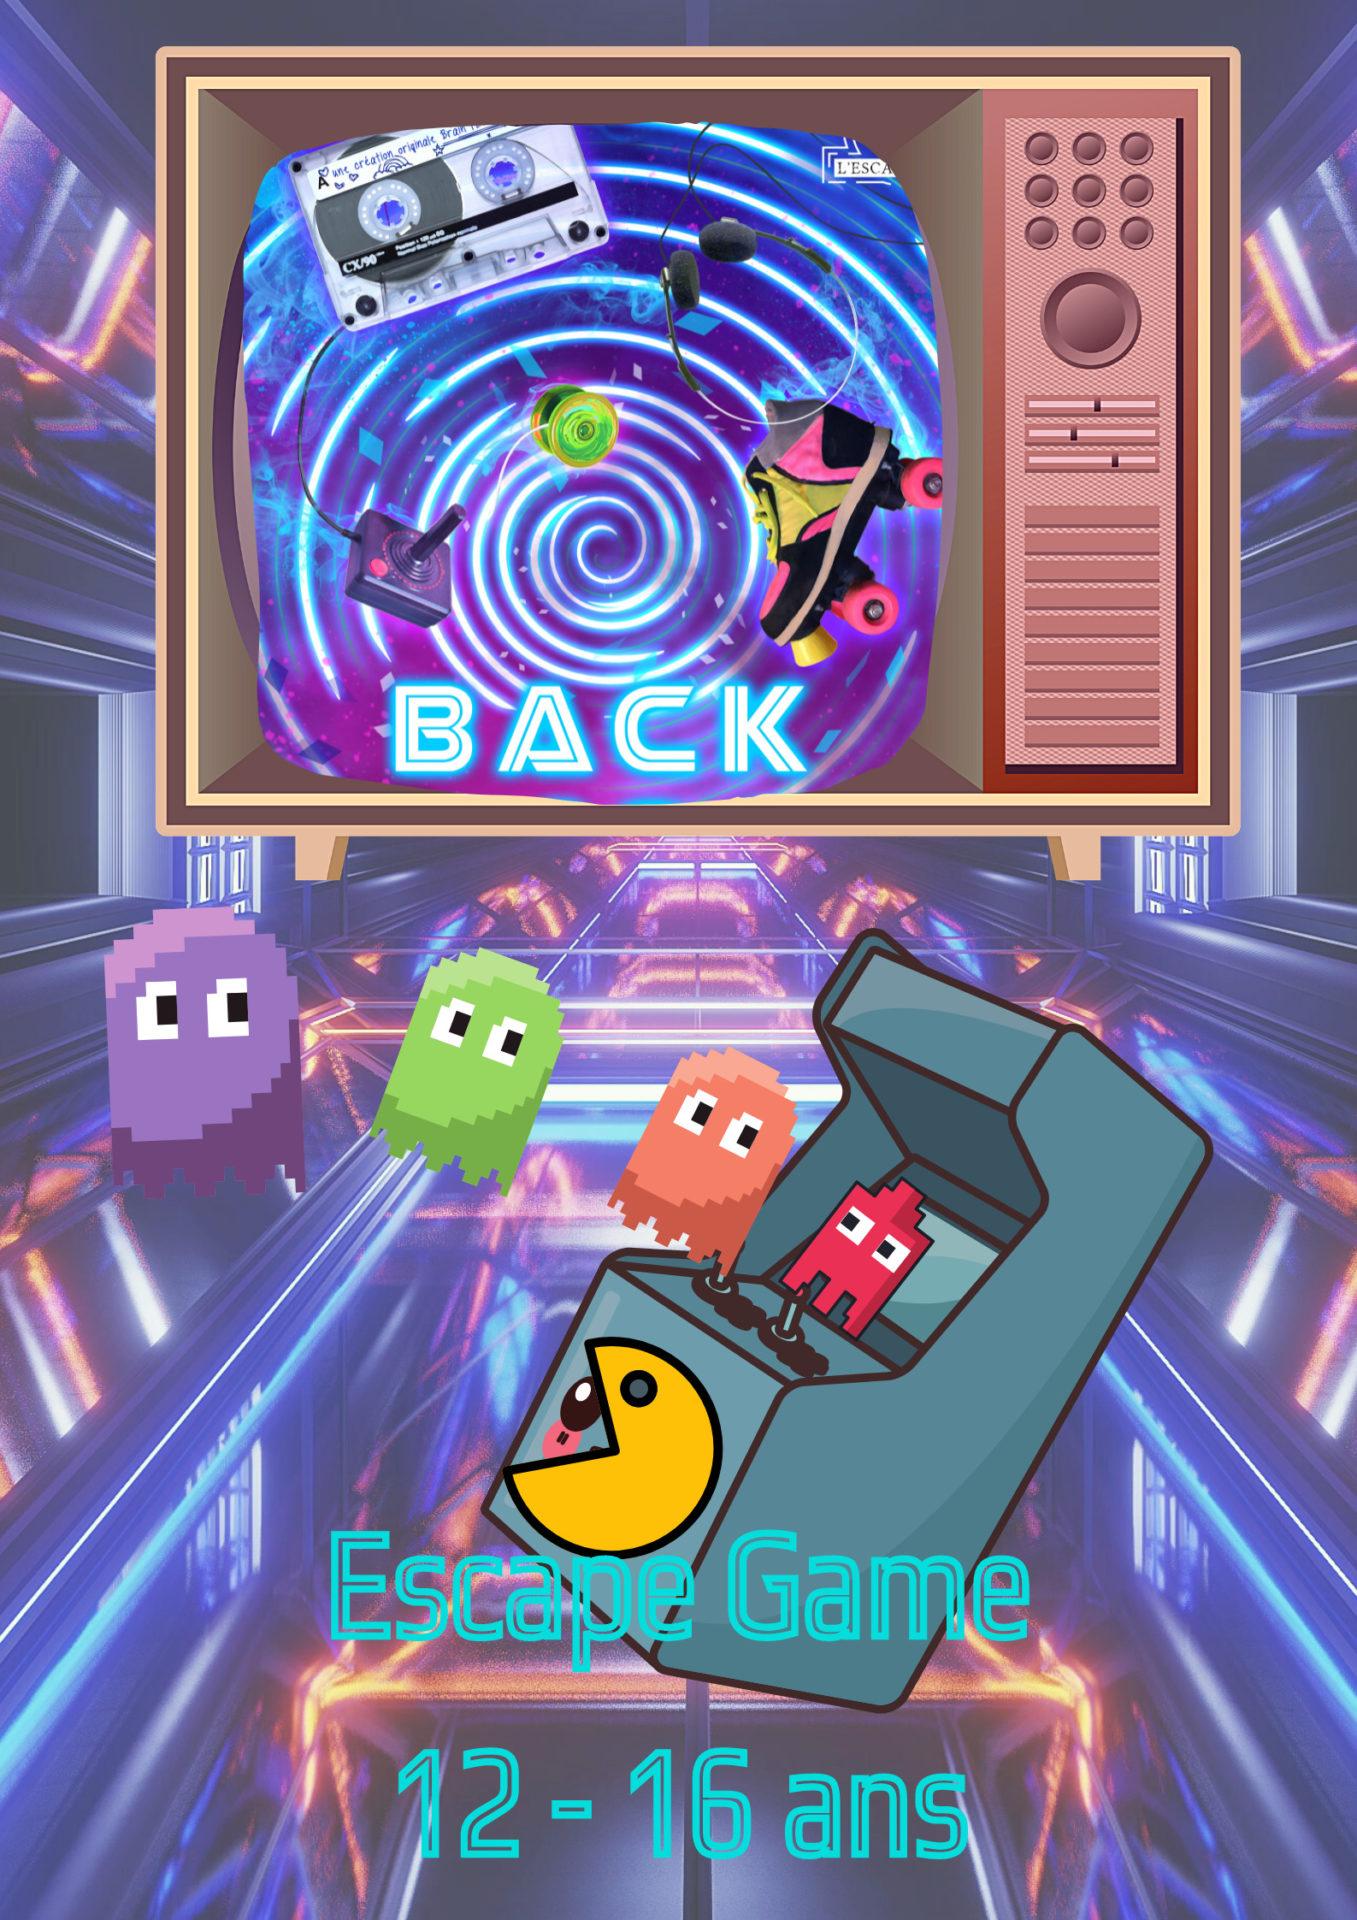 Back escape game enfants